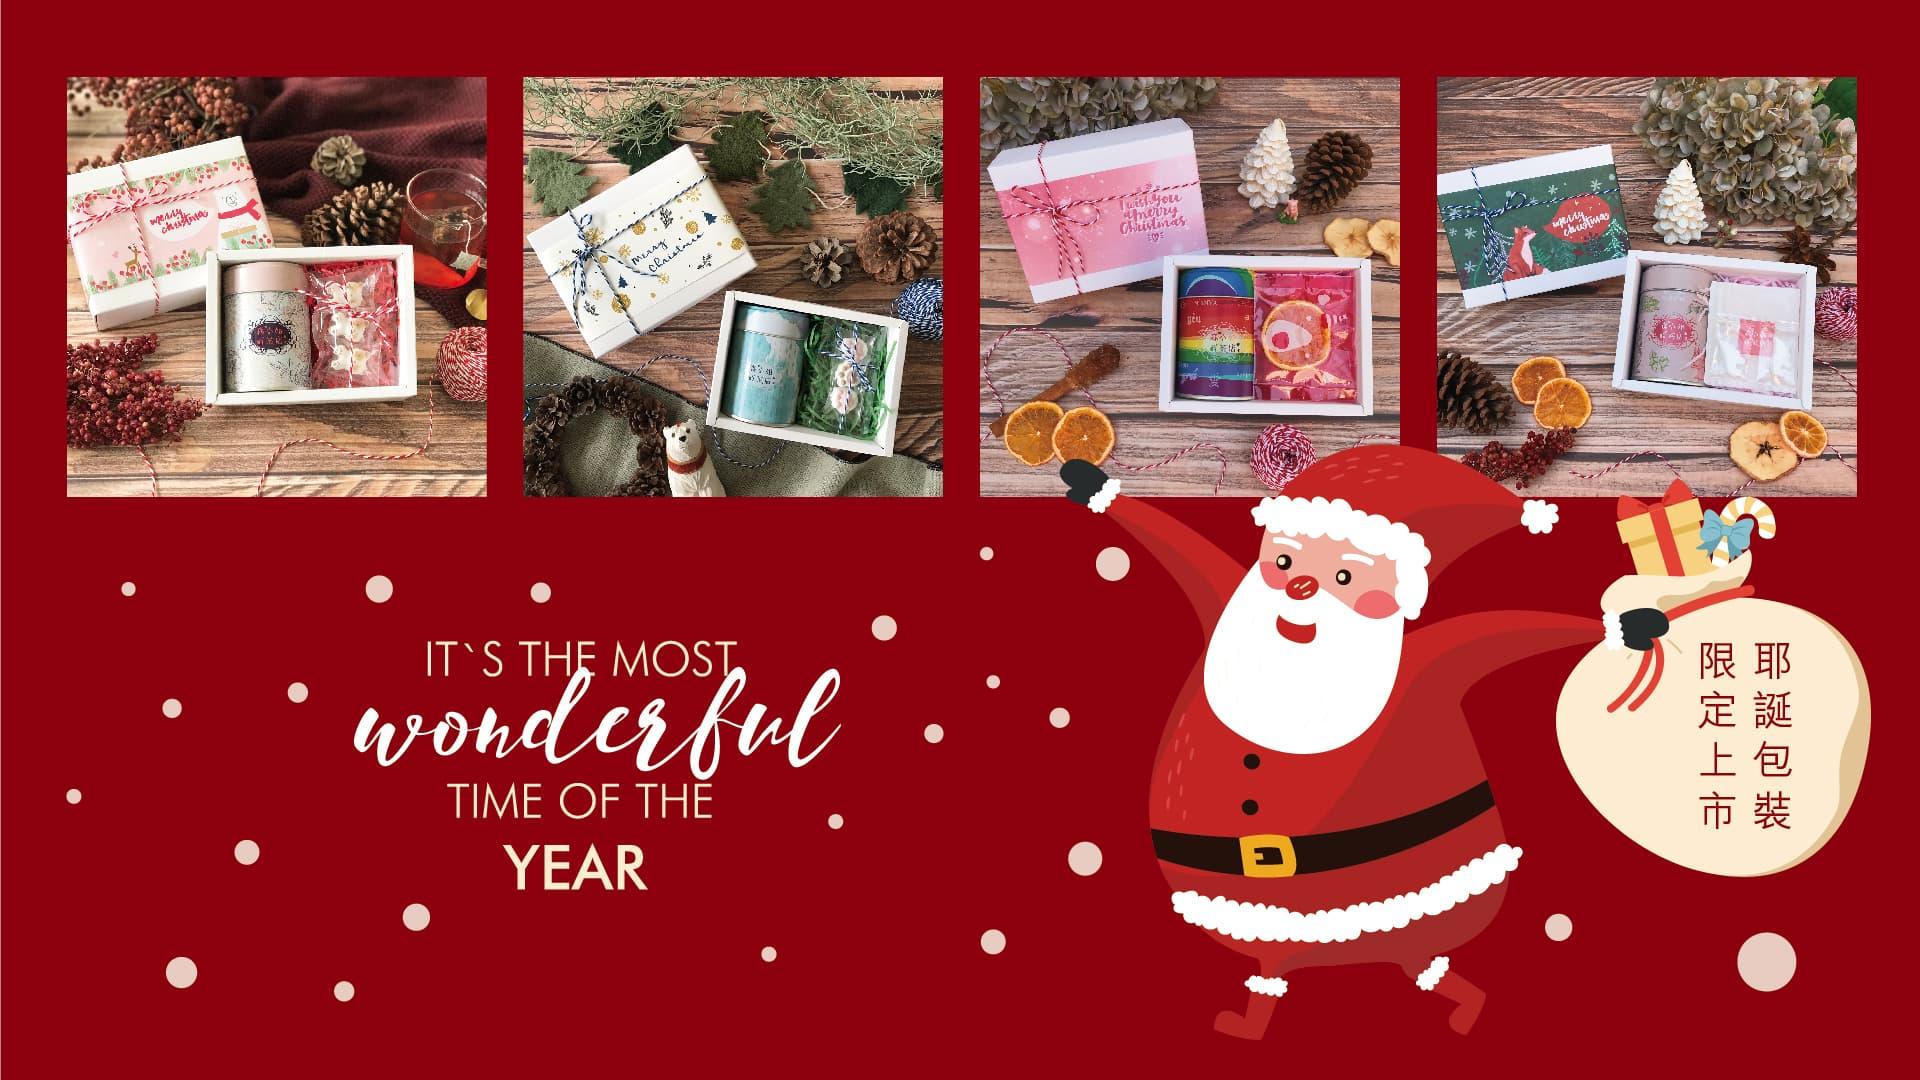 2018年森小姐的茶店-聖誕節新包裝上市